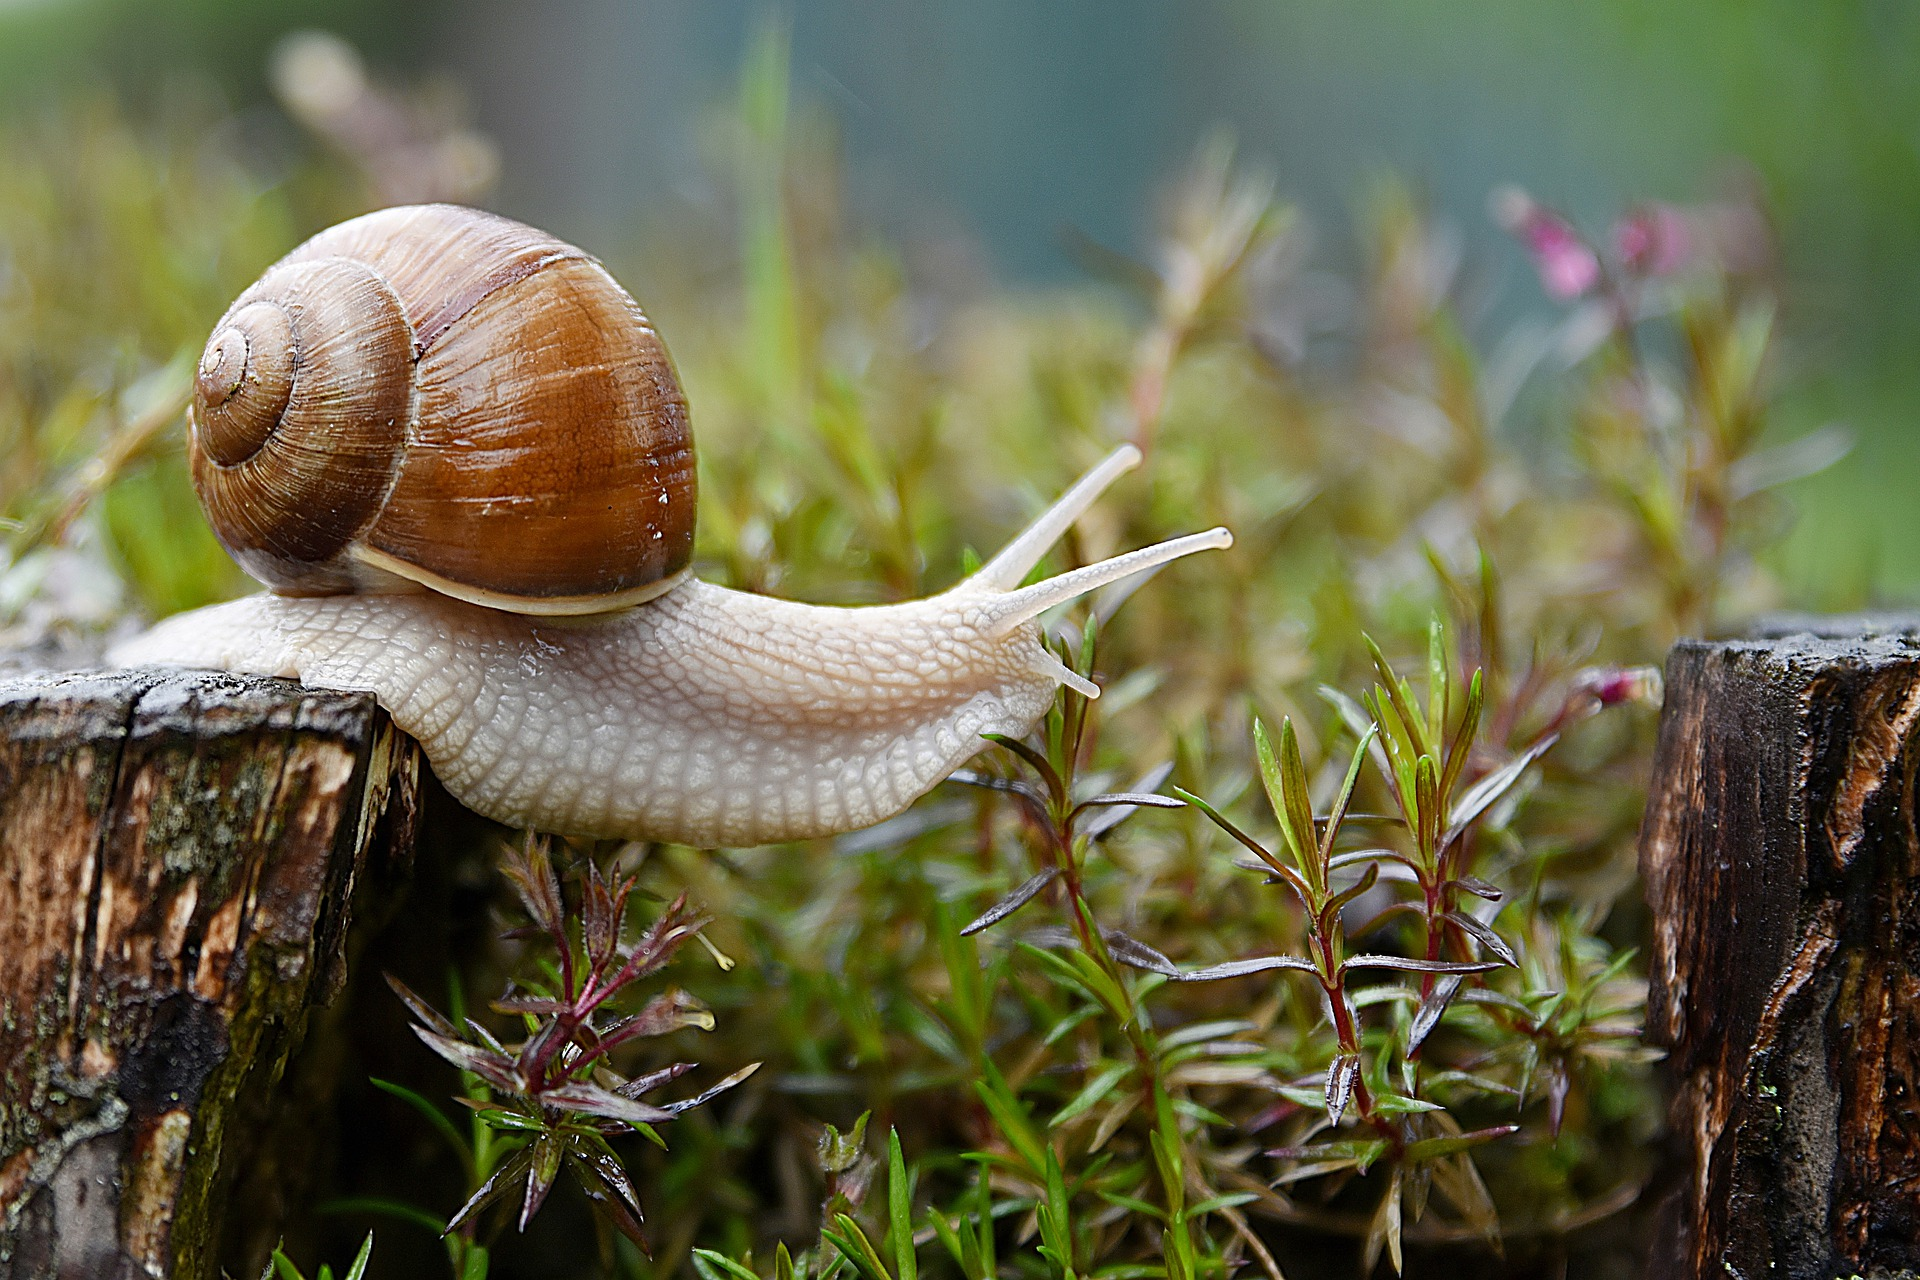 snail-4729777_1920